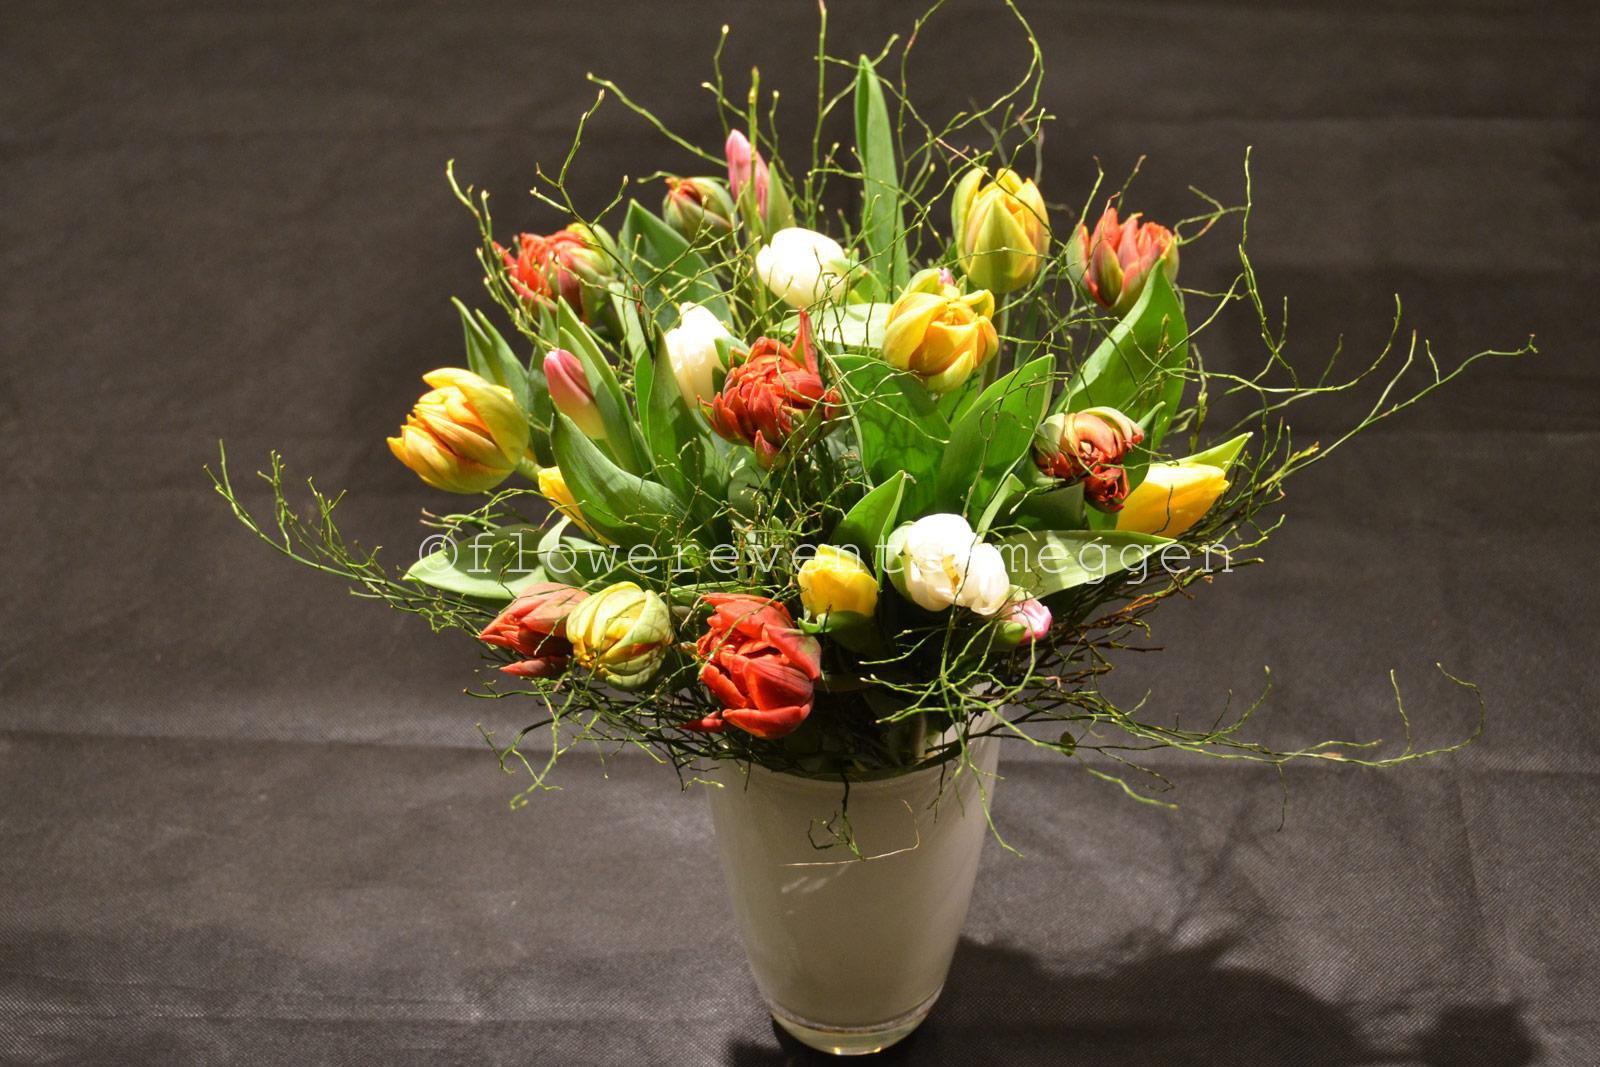 Flowerevents